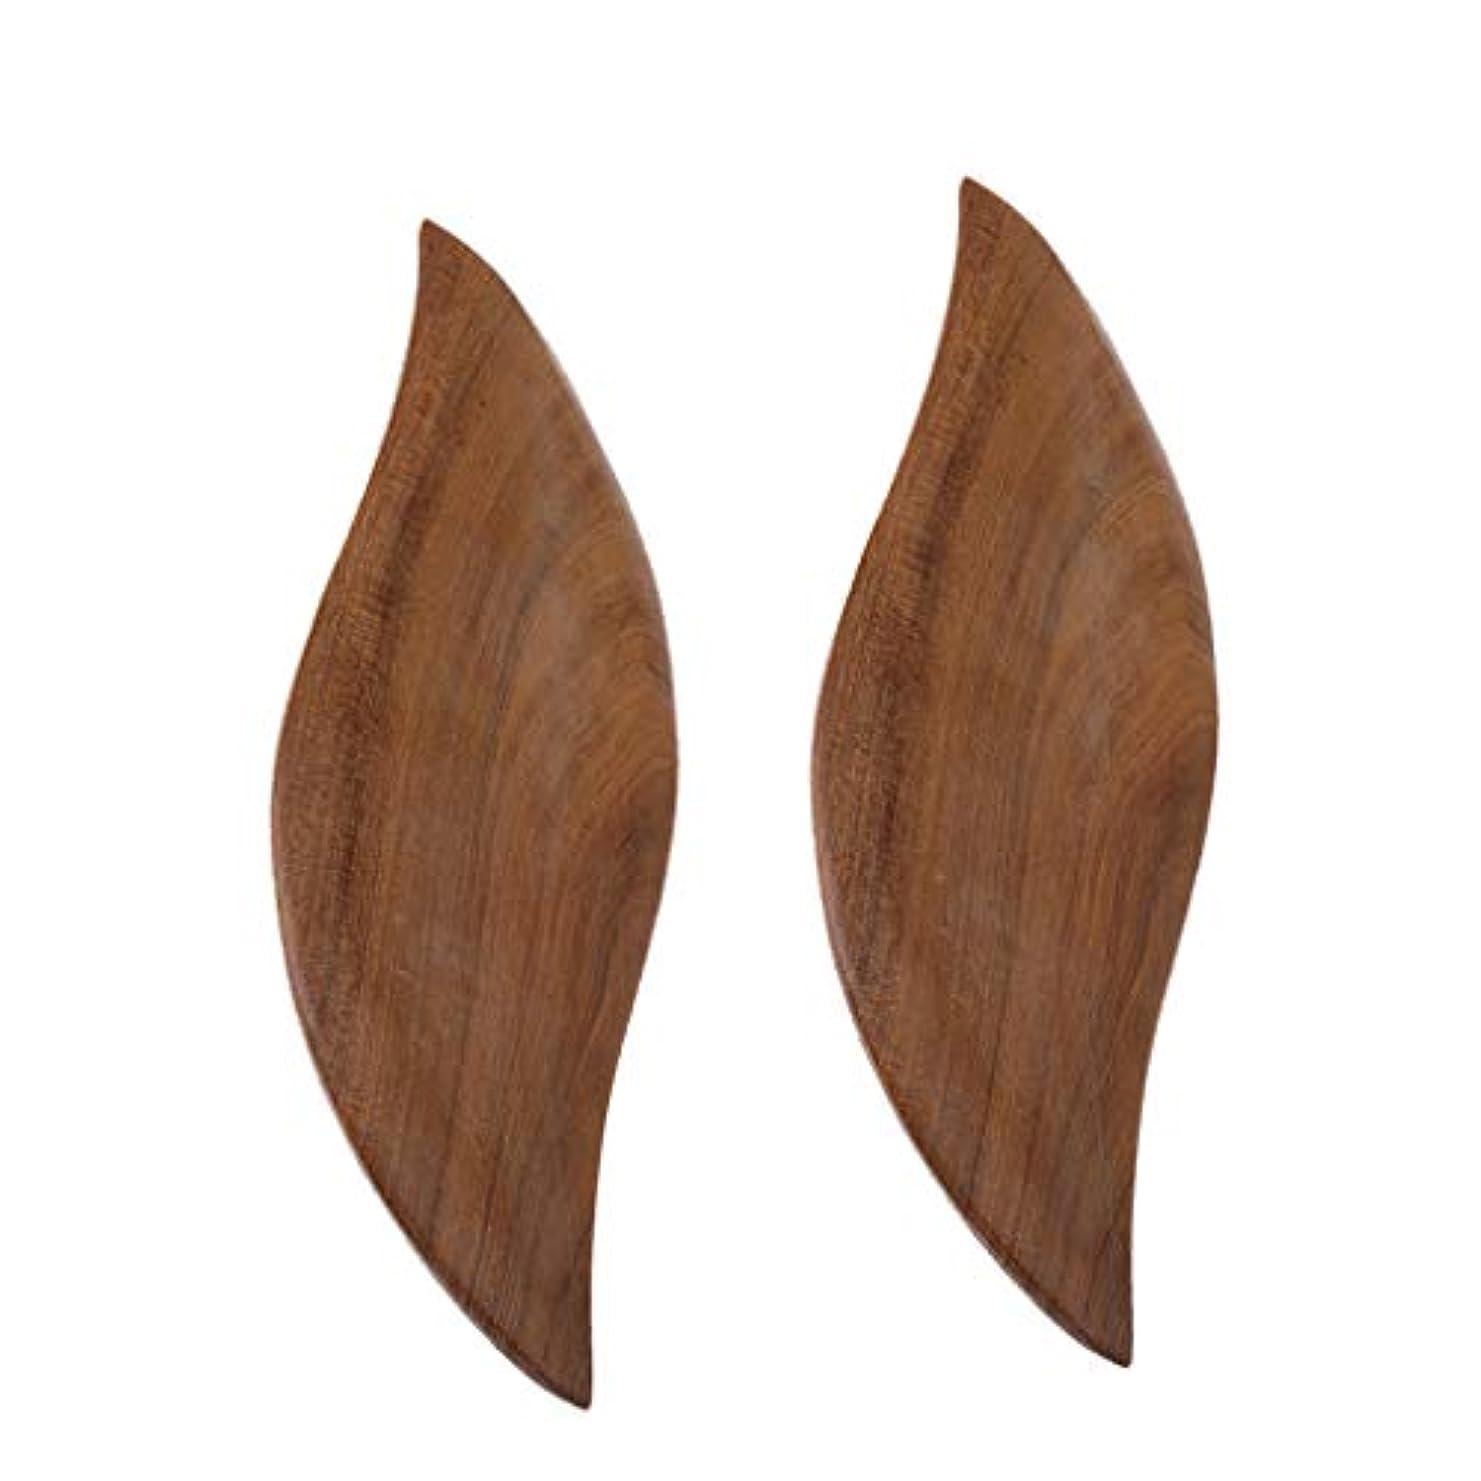 がんばり続ける貫入瀬戸際D DOLITY 2枚 かっさプレート 木製 ボード ボディーケア 葉の形 便利